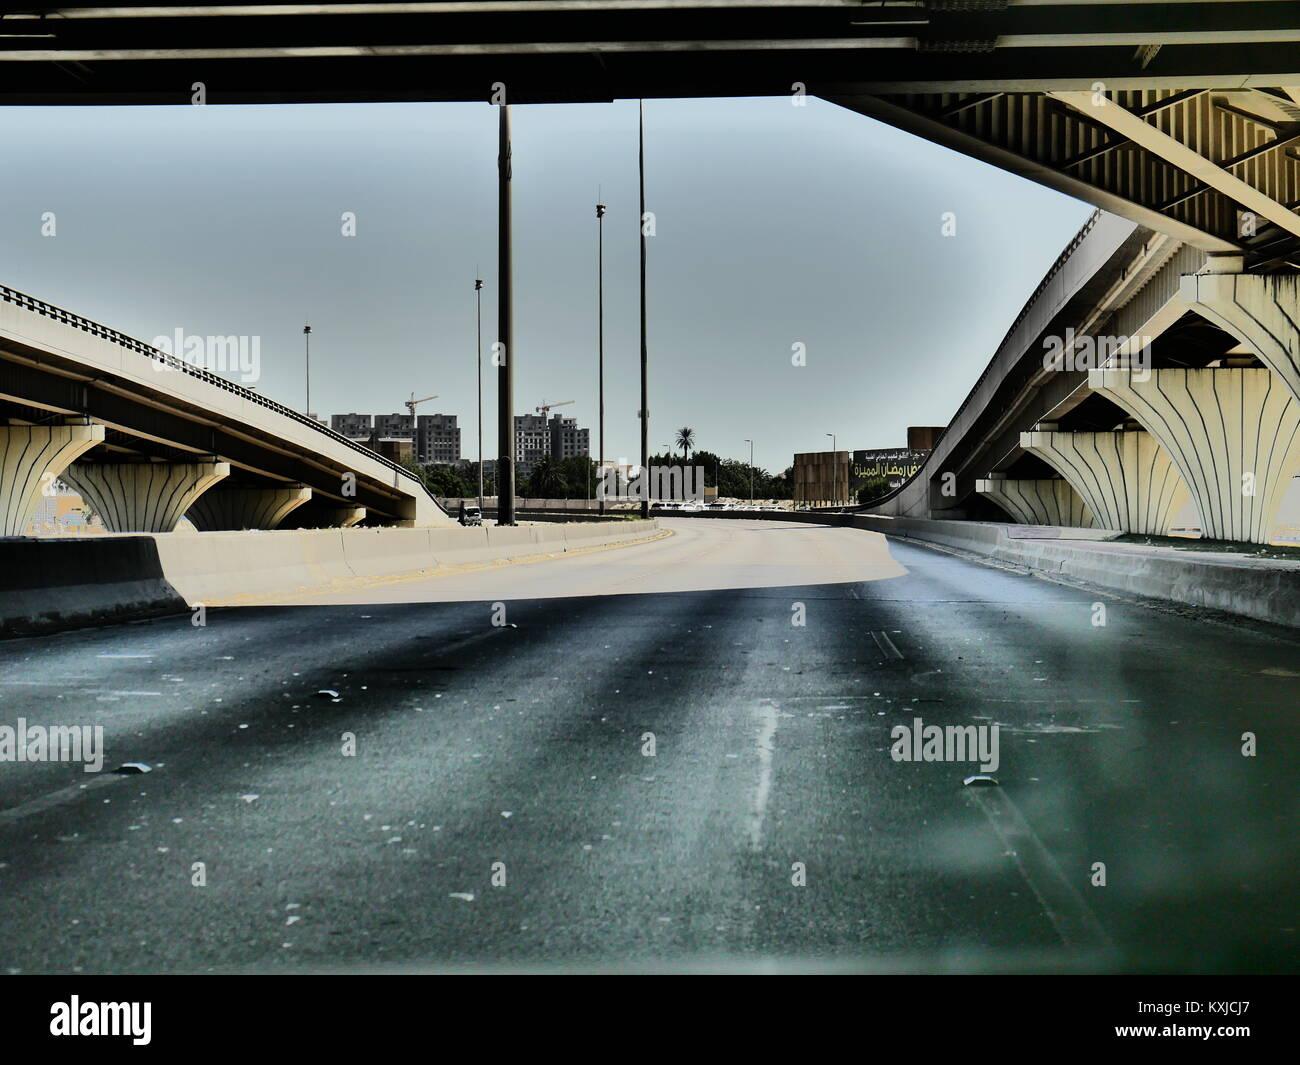 Imágenes de la ciudad de Al Khobar en Arabia Saudita Imagen De Stock